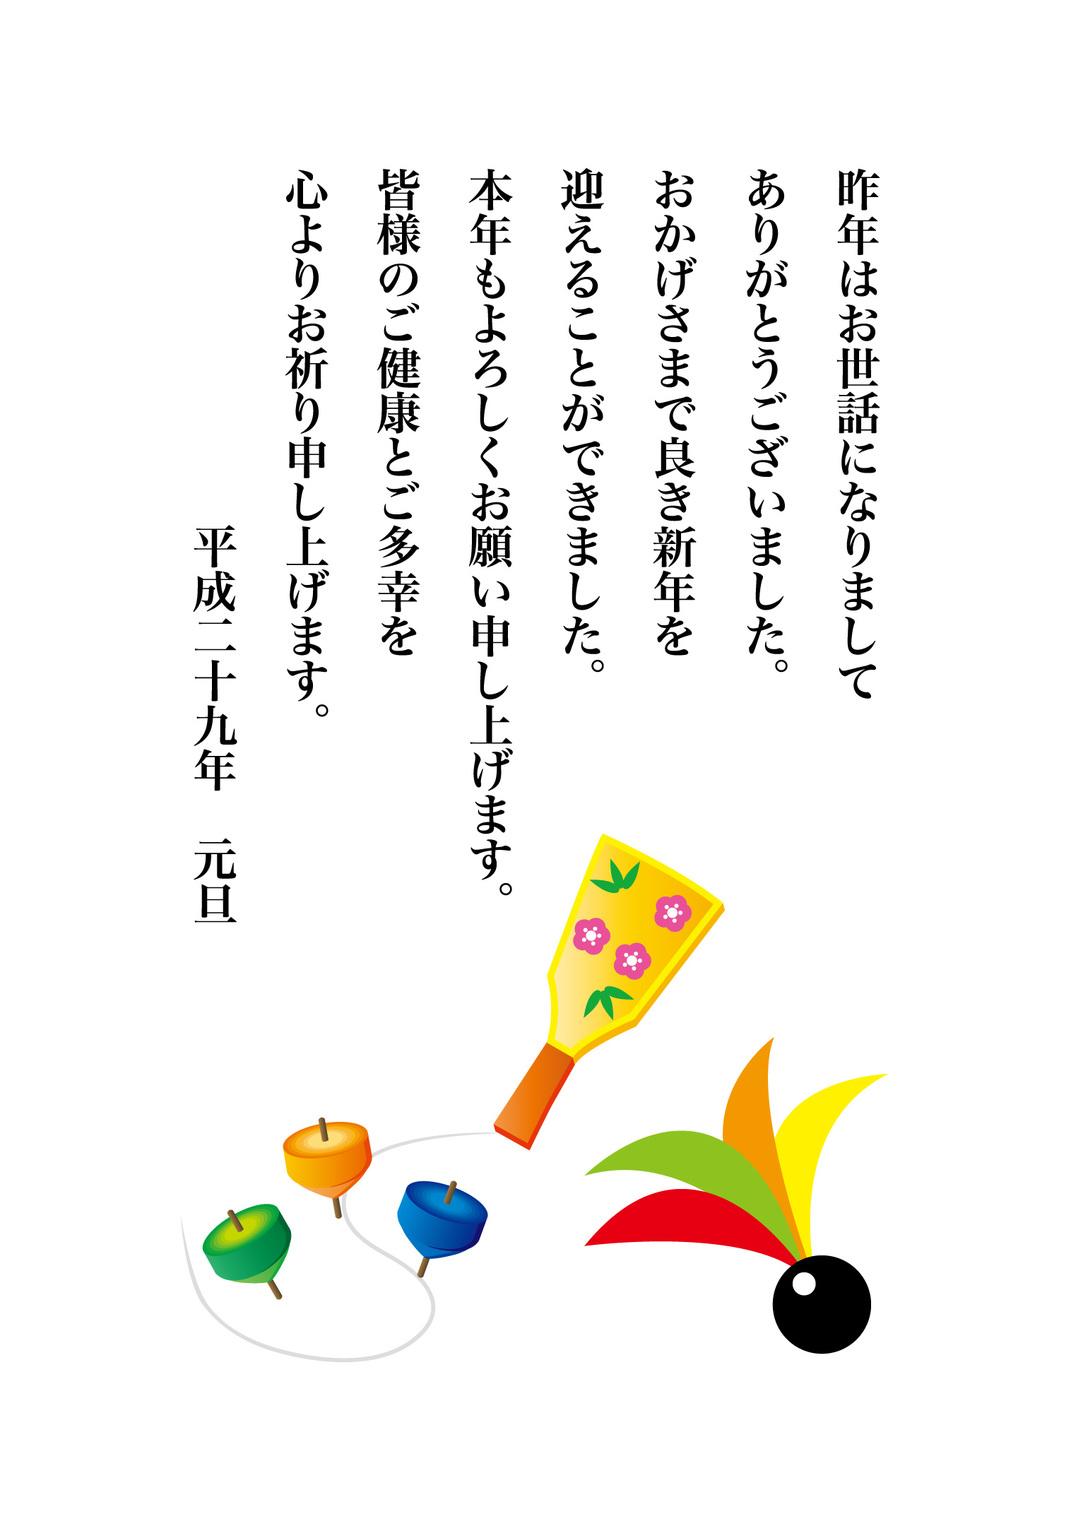 独楽、羽子板、年賀状(JPEG,PNG,EPS)